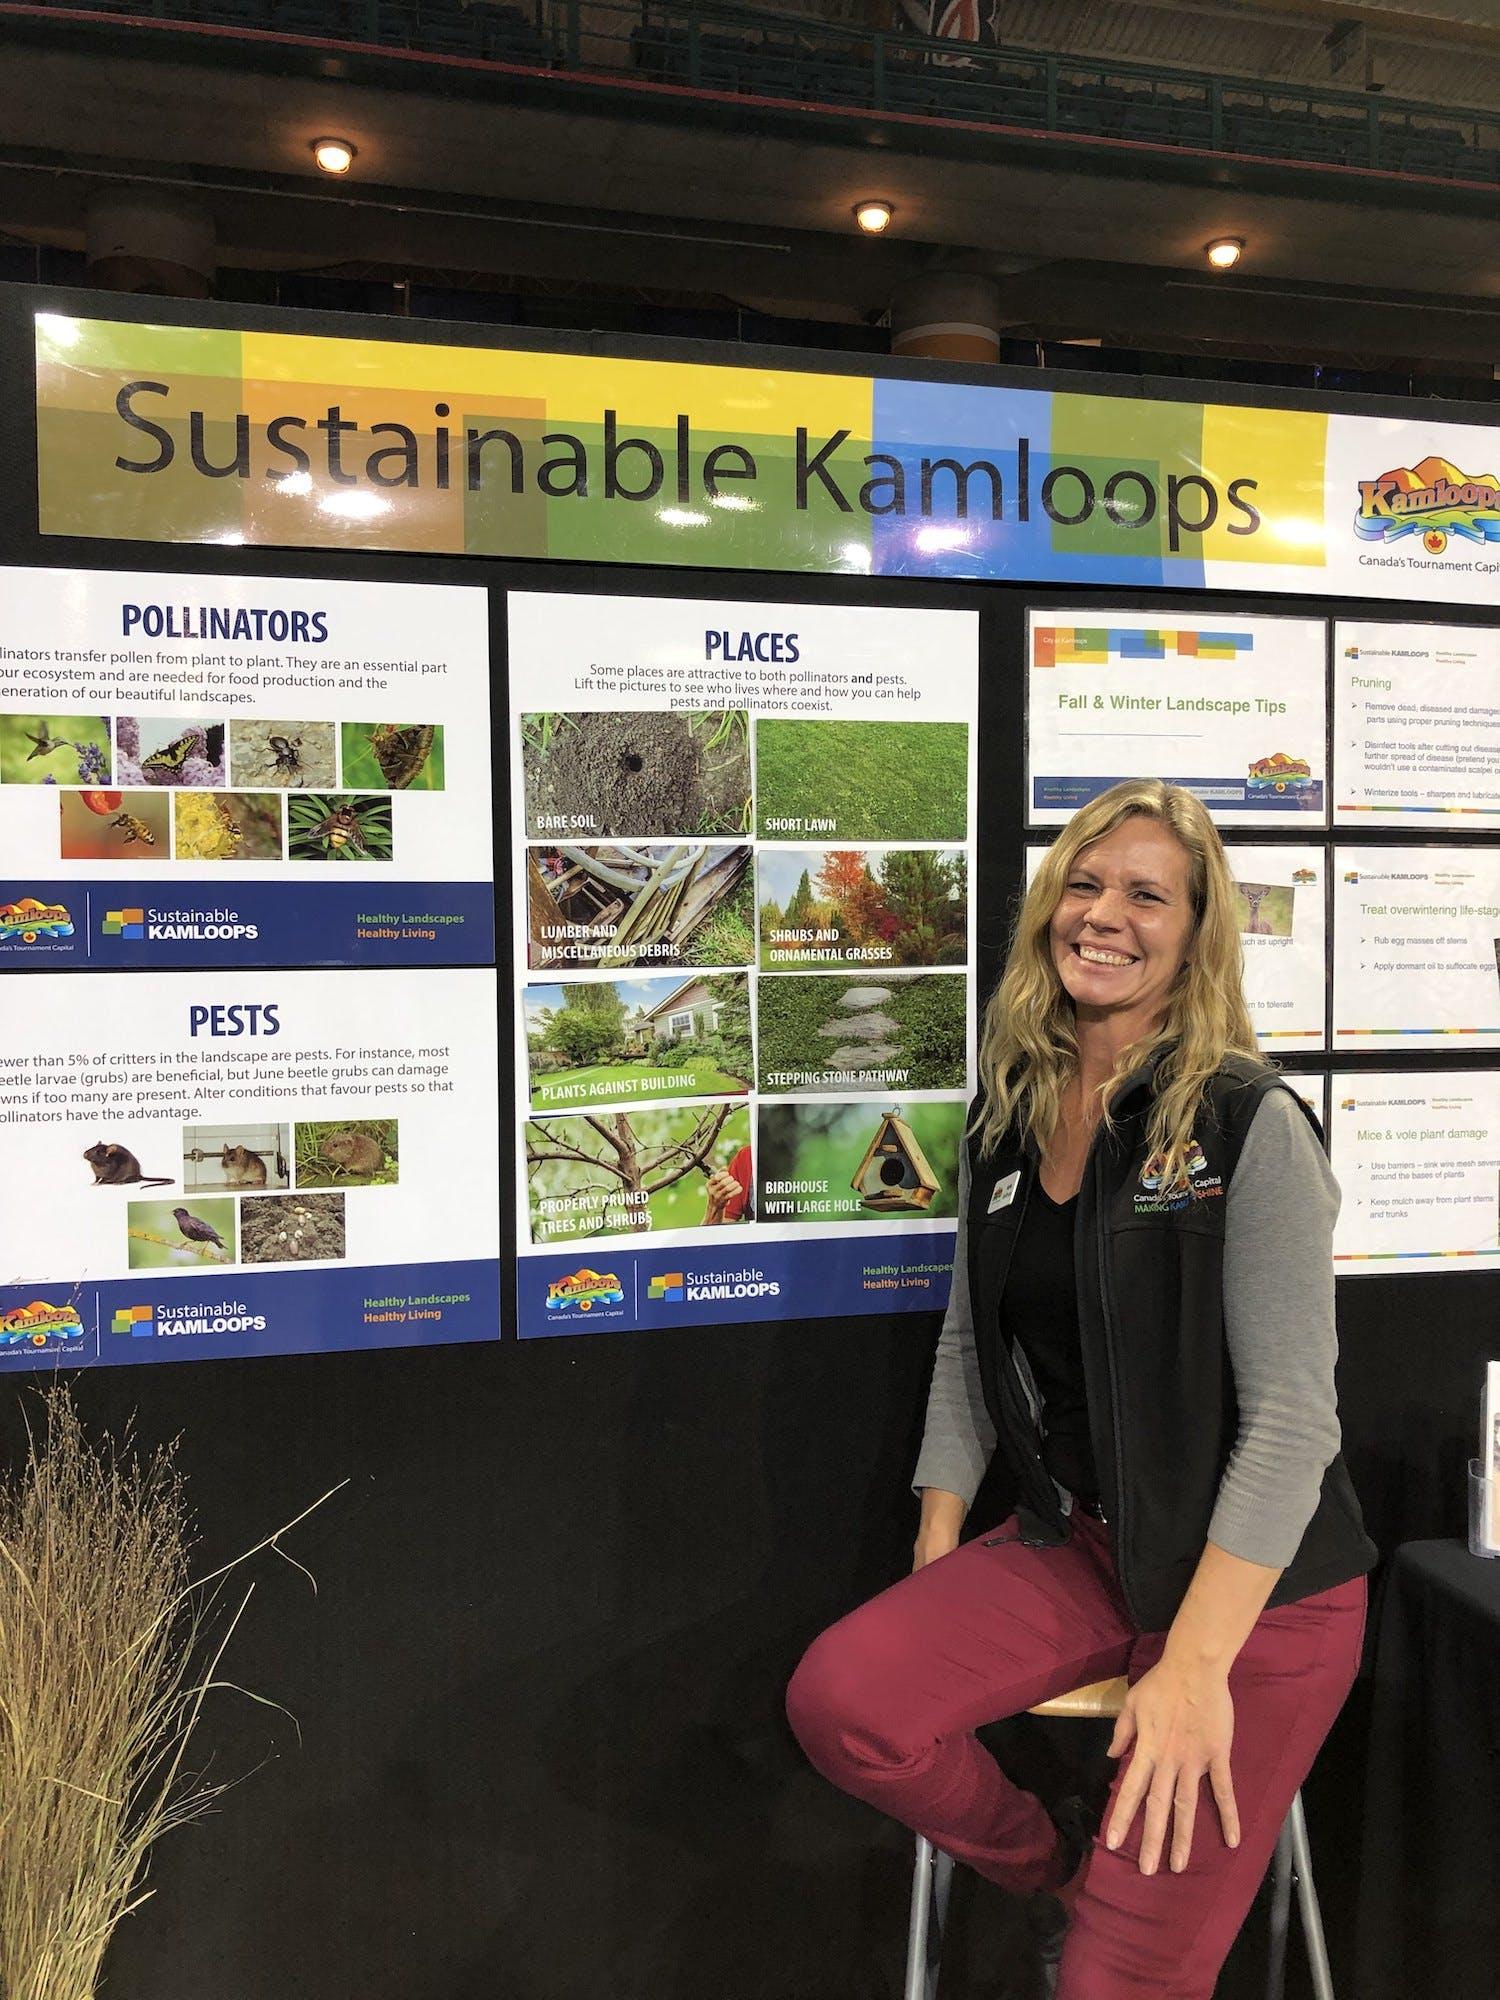 Sustainable Kamloops _info Booth.jpg